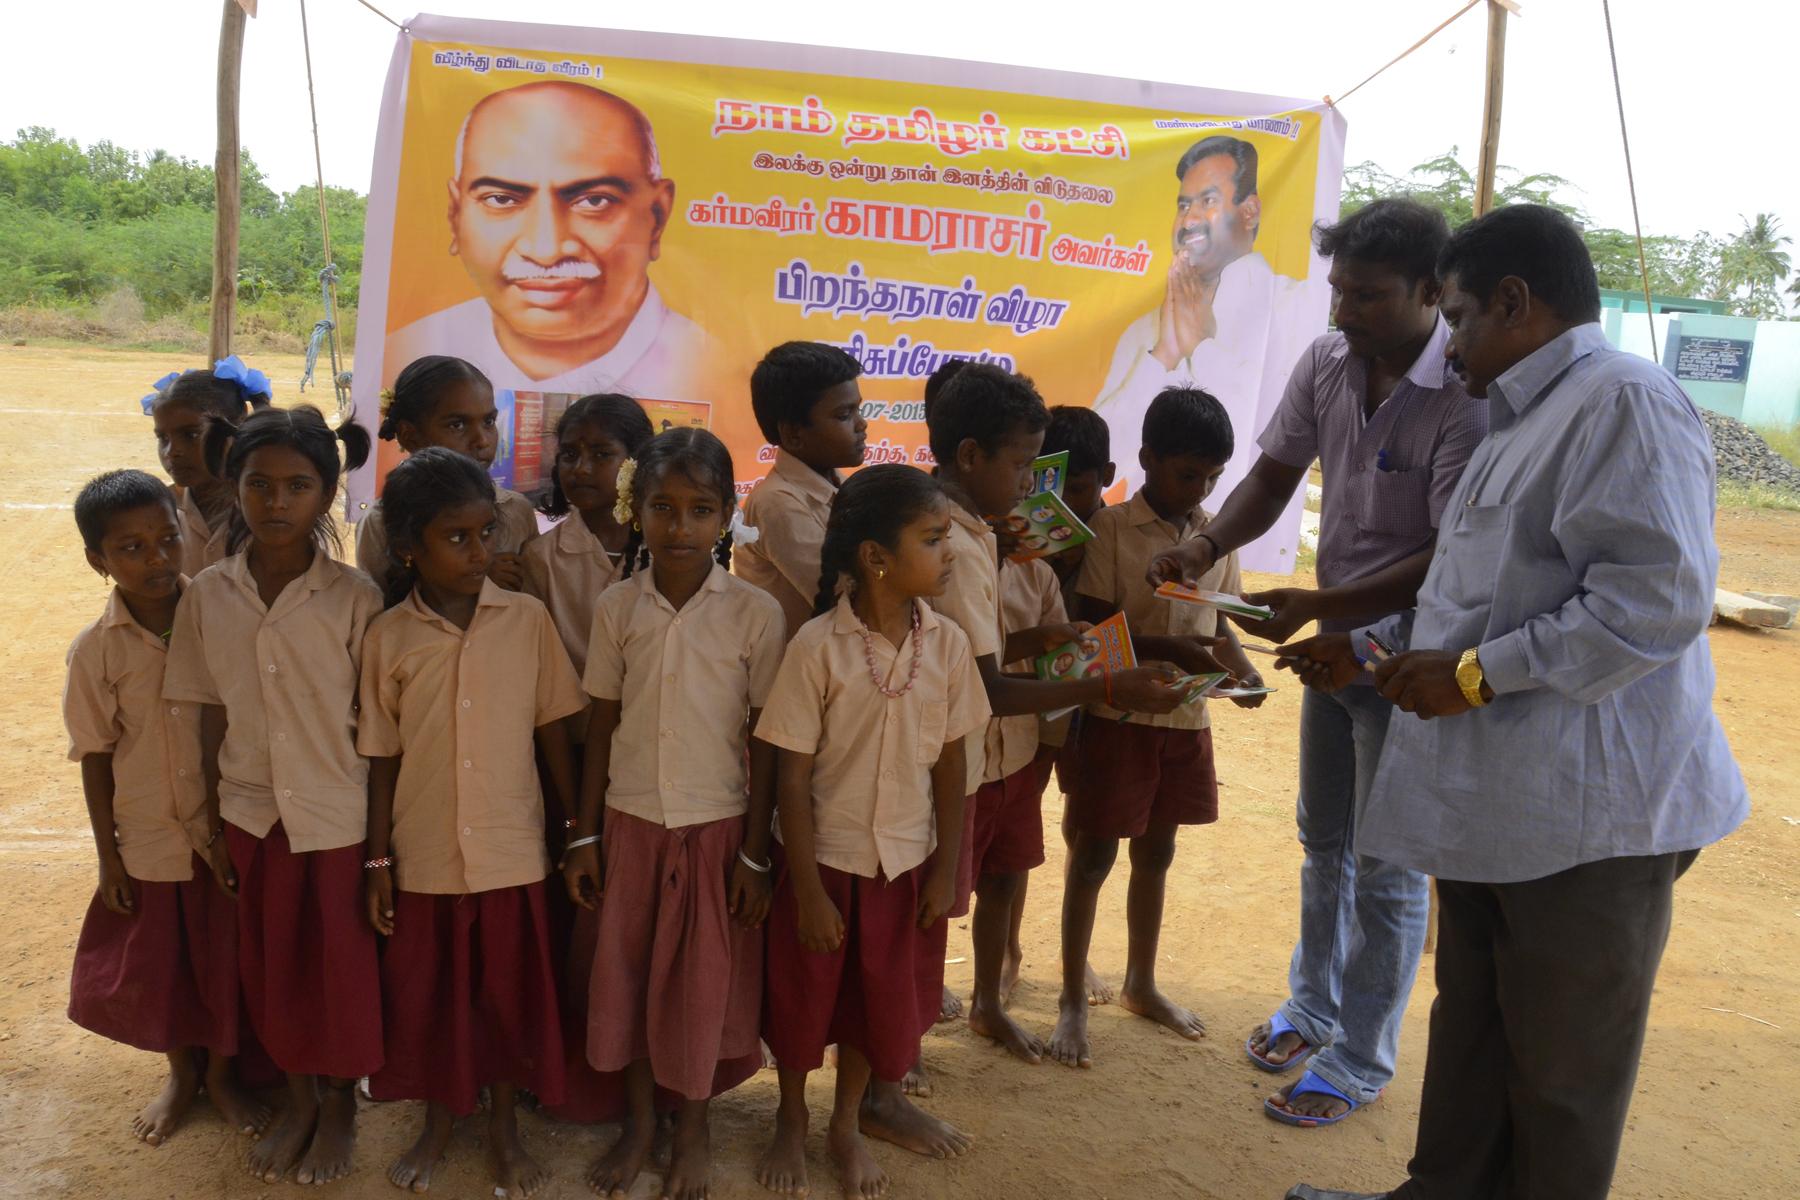 காமராசர் பிறந்த நாள் விழா போட்டிகள் கள்ளக்குறிச்சி அரசுப்பள்ளியில் நடந்தது. DSC5504